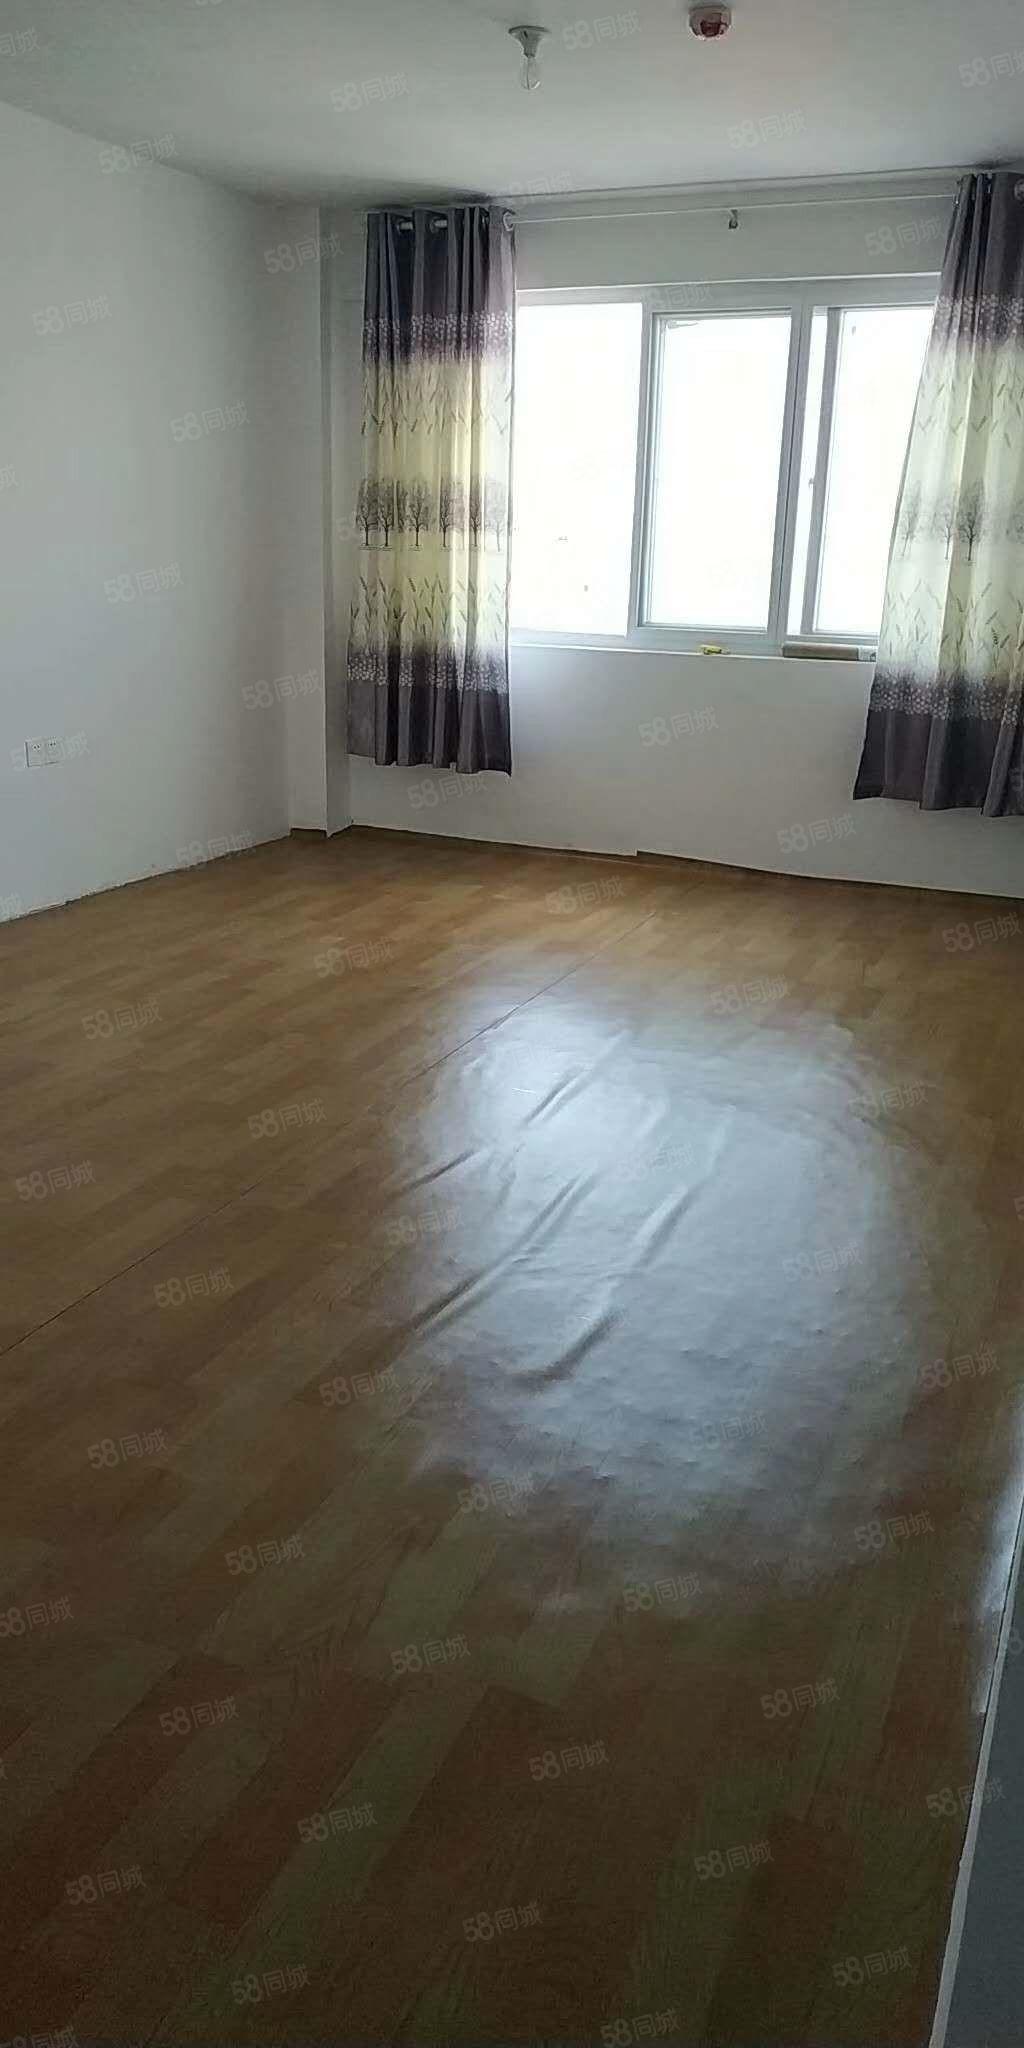 文体花园一楼车库热水器床年租5000